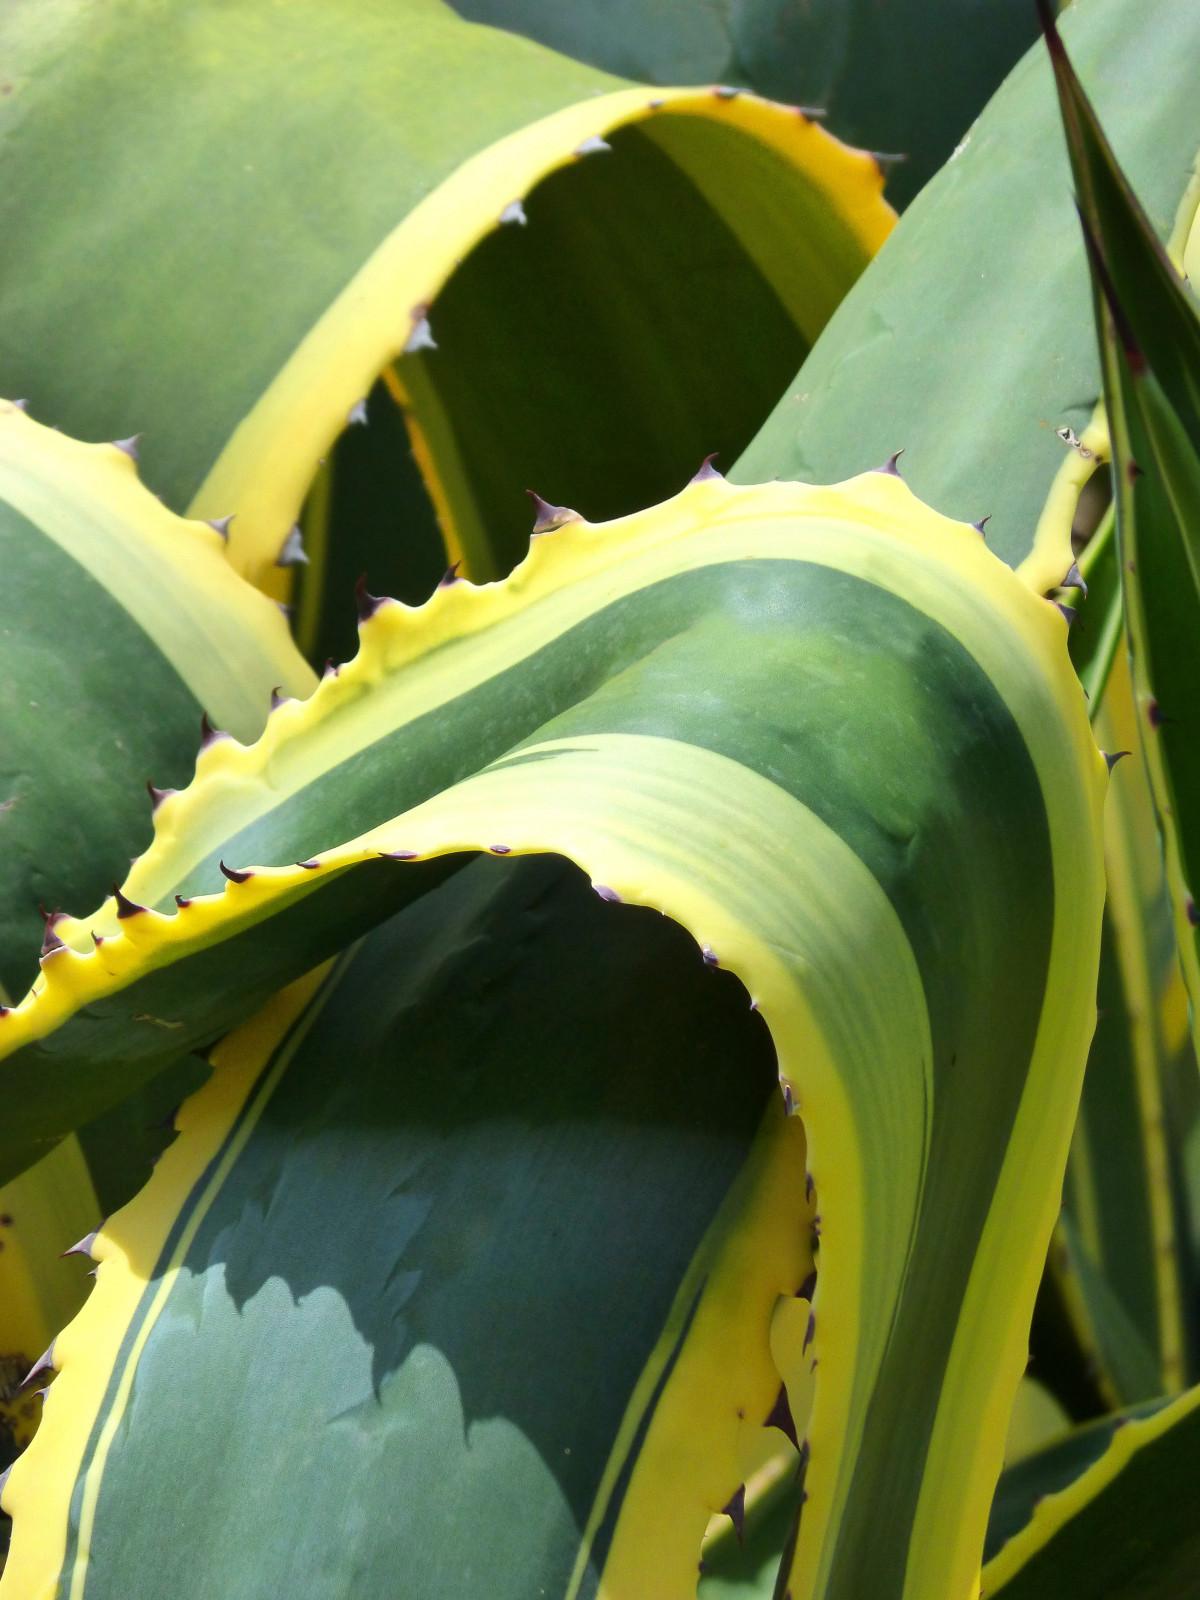 images gratuites cactus texture feuille fleur vert botanique jaune flore contexte. Black Bedroom Furniture Sets. Home Design Ideas